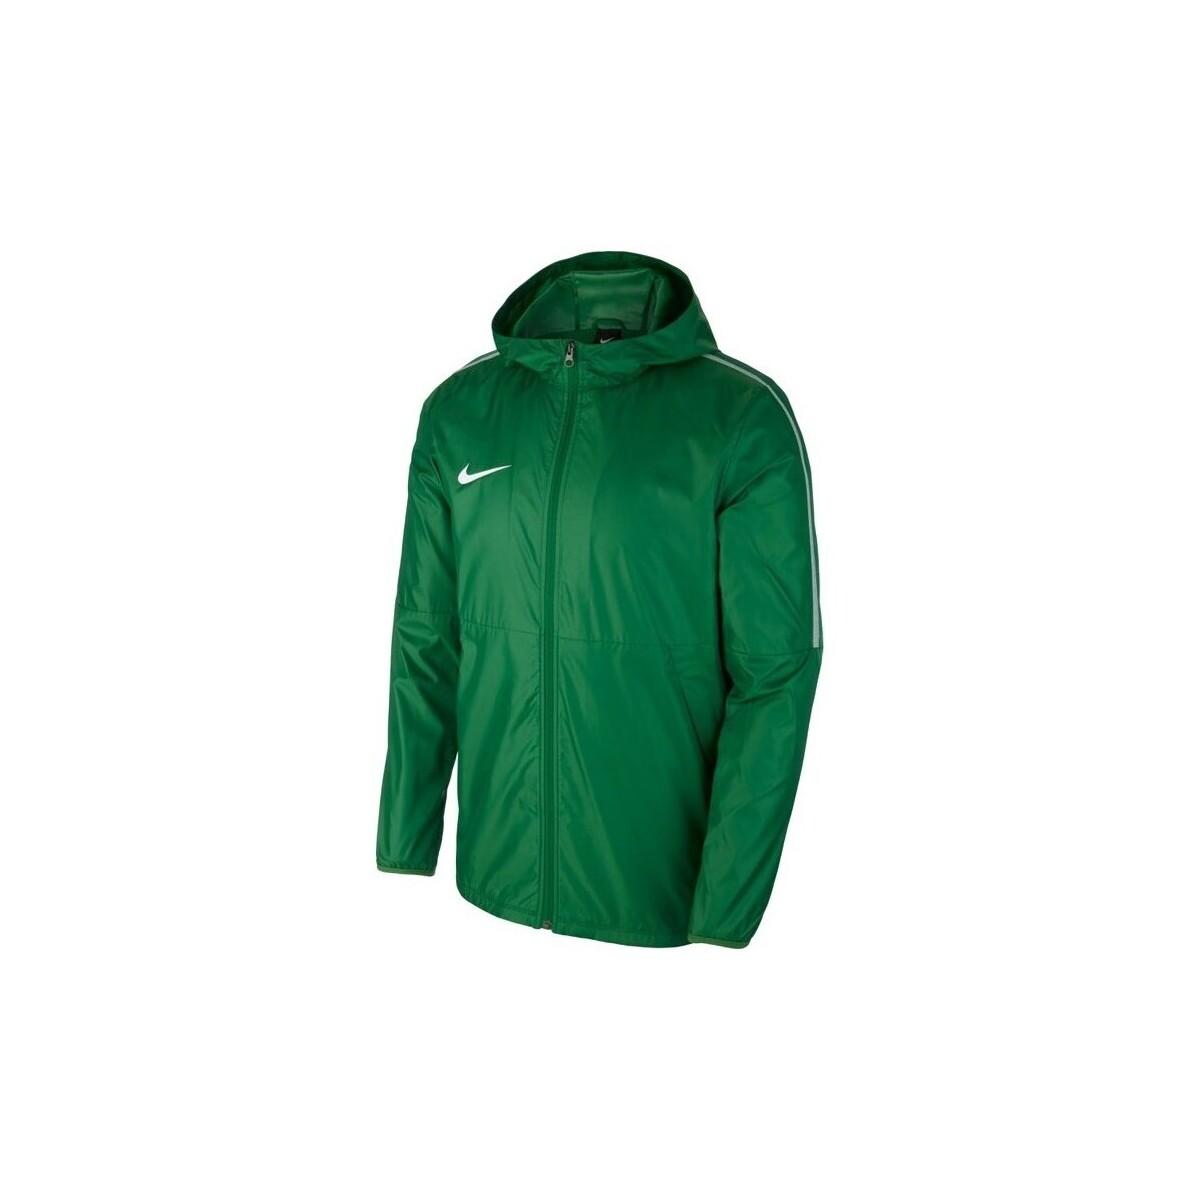 Jakker Nike  JR Dry Park 18 Rain